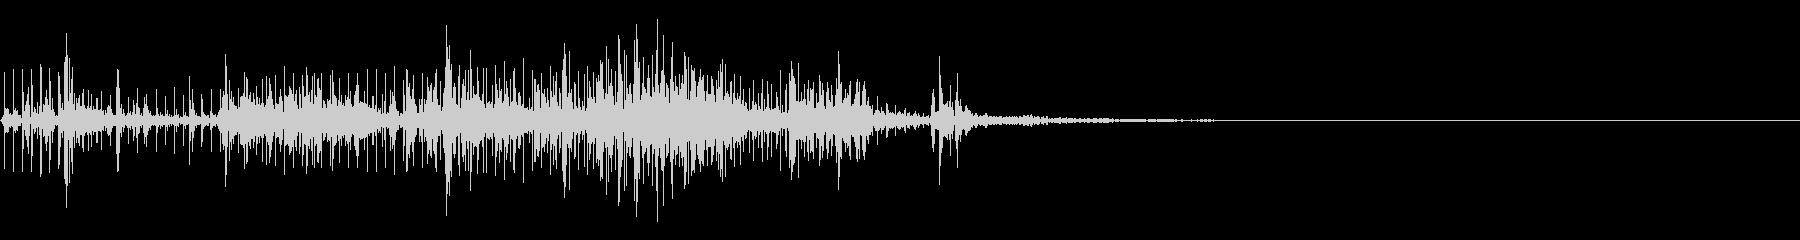 スパーク音-27の未再生の波形